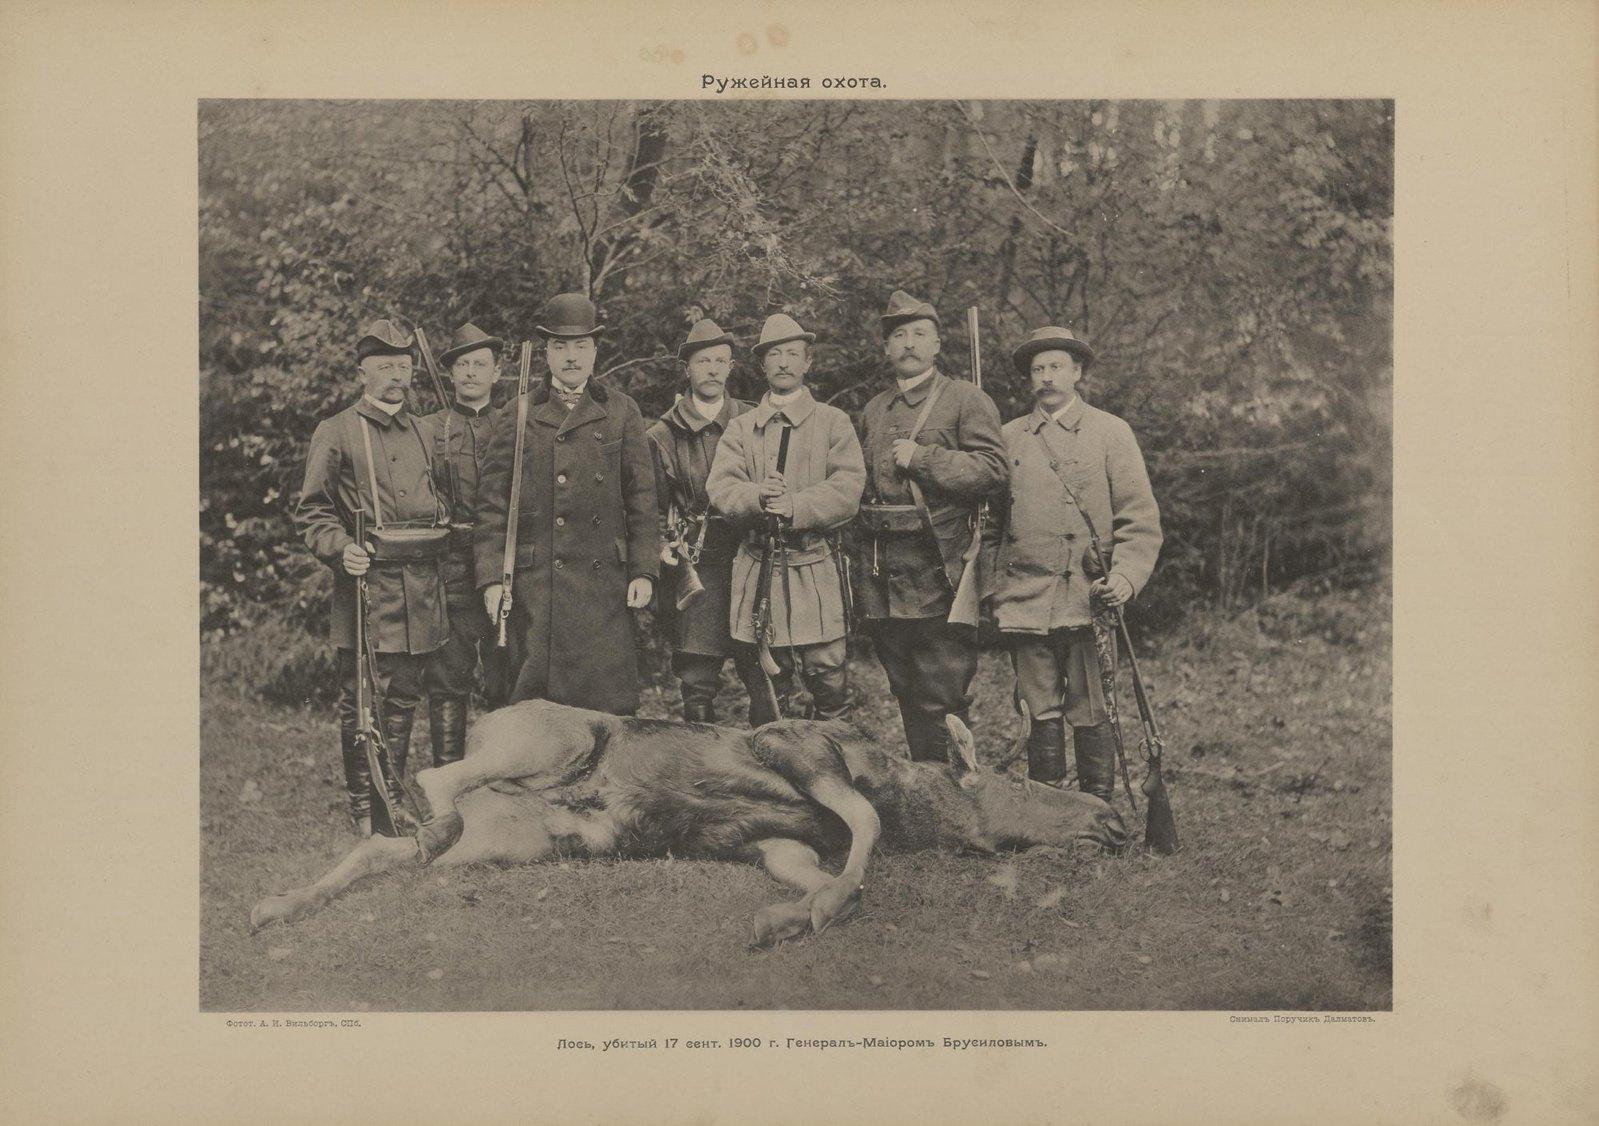 19. Ружейная охота. Лось, убитый 17 сентября 1900 г. генерал-майором Брусиловым А.А.